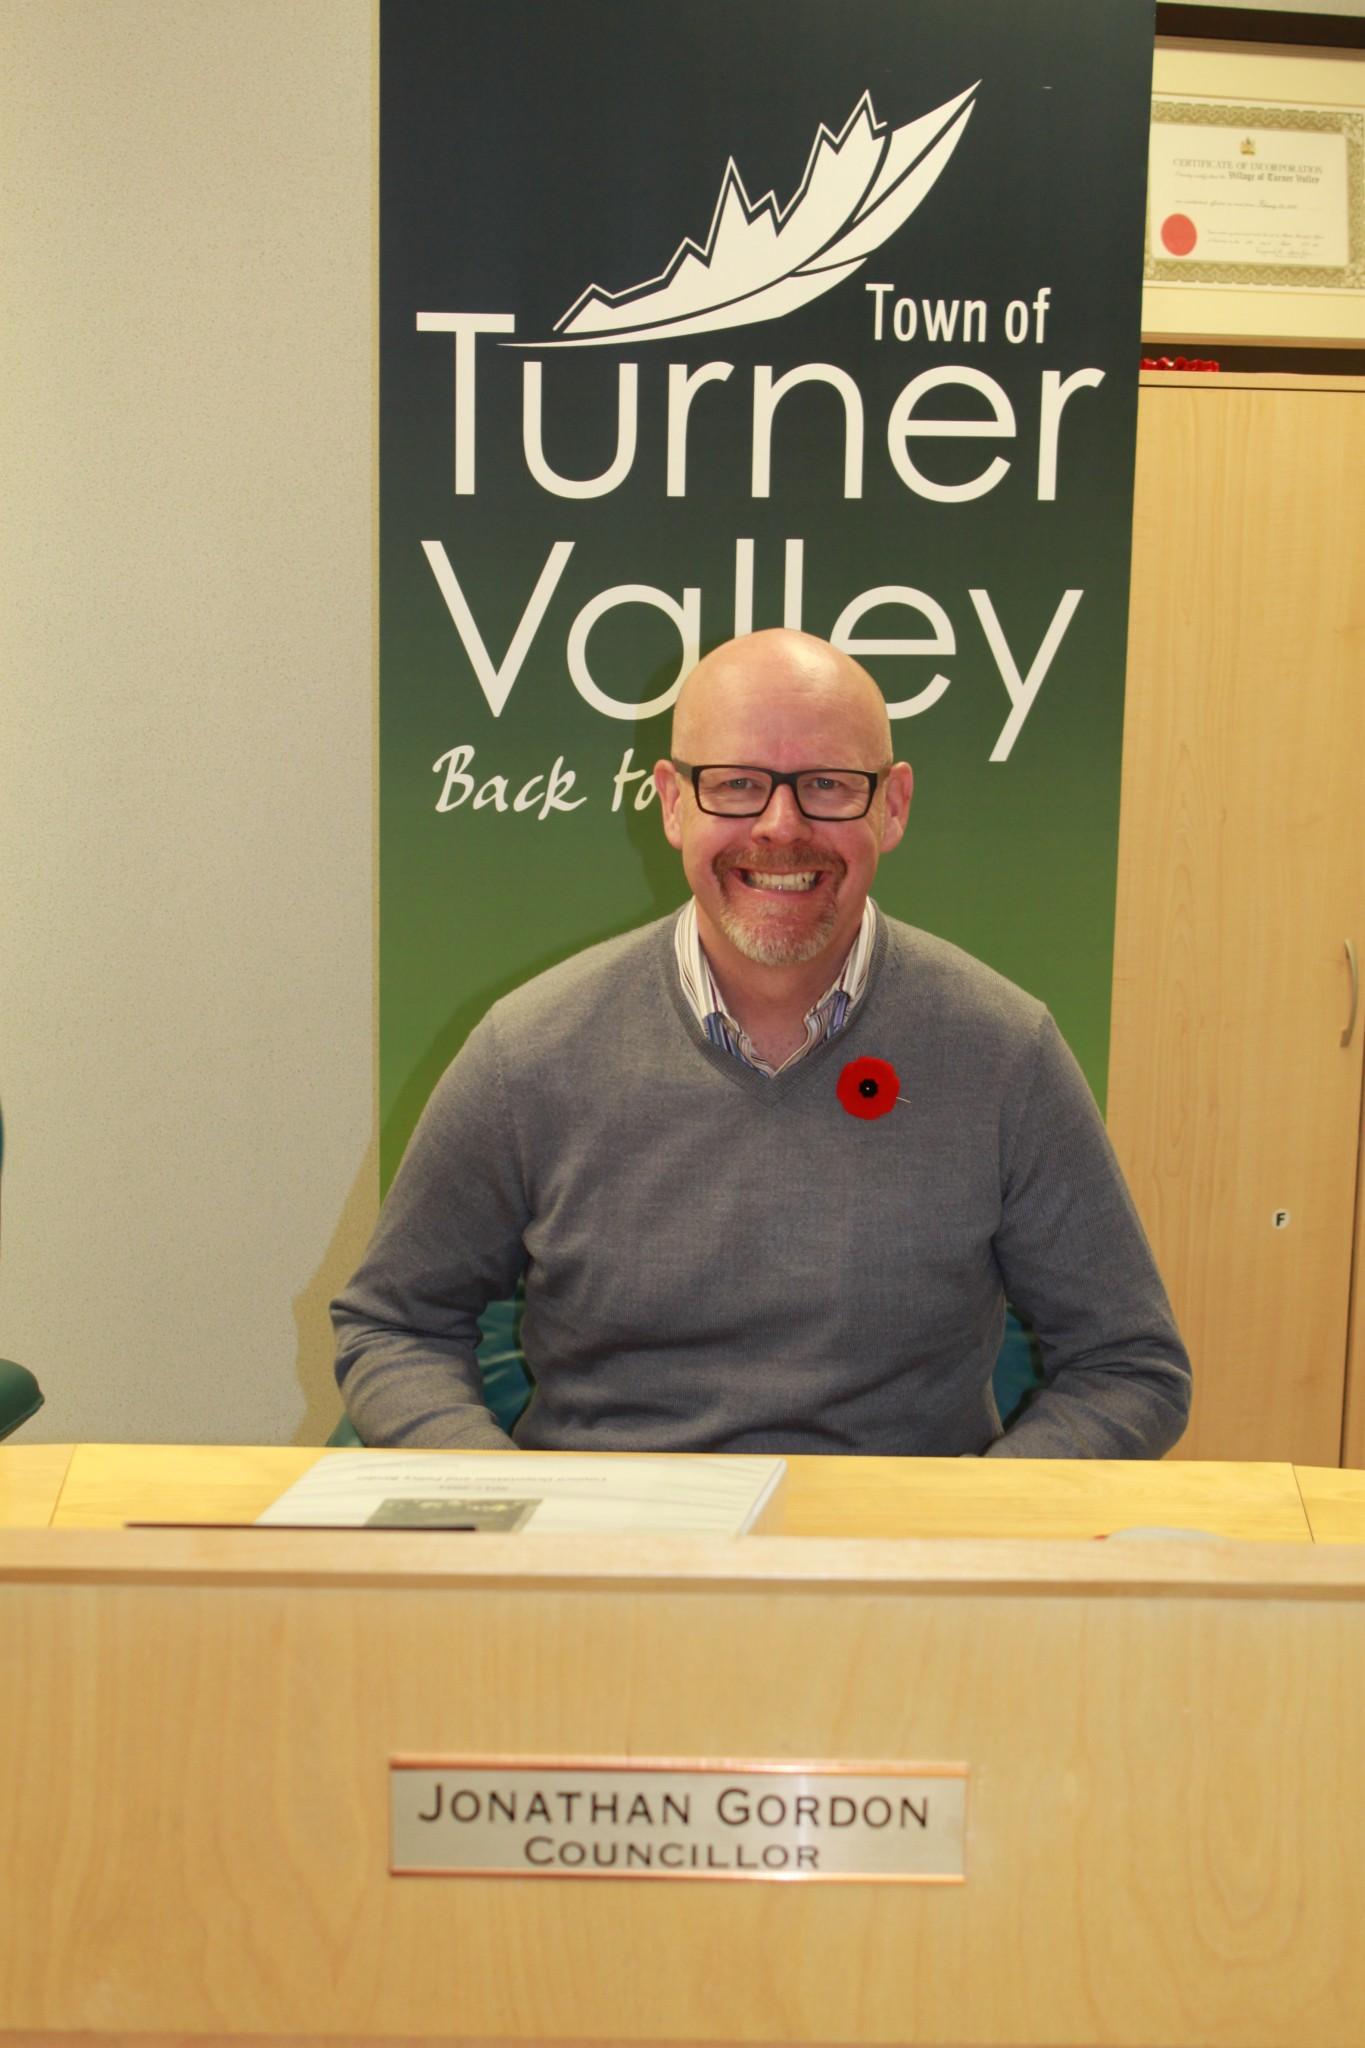 Councillor Jonathan Gordon